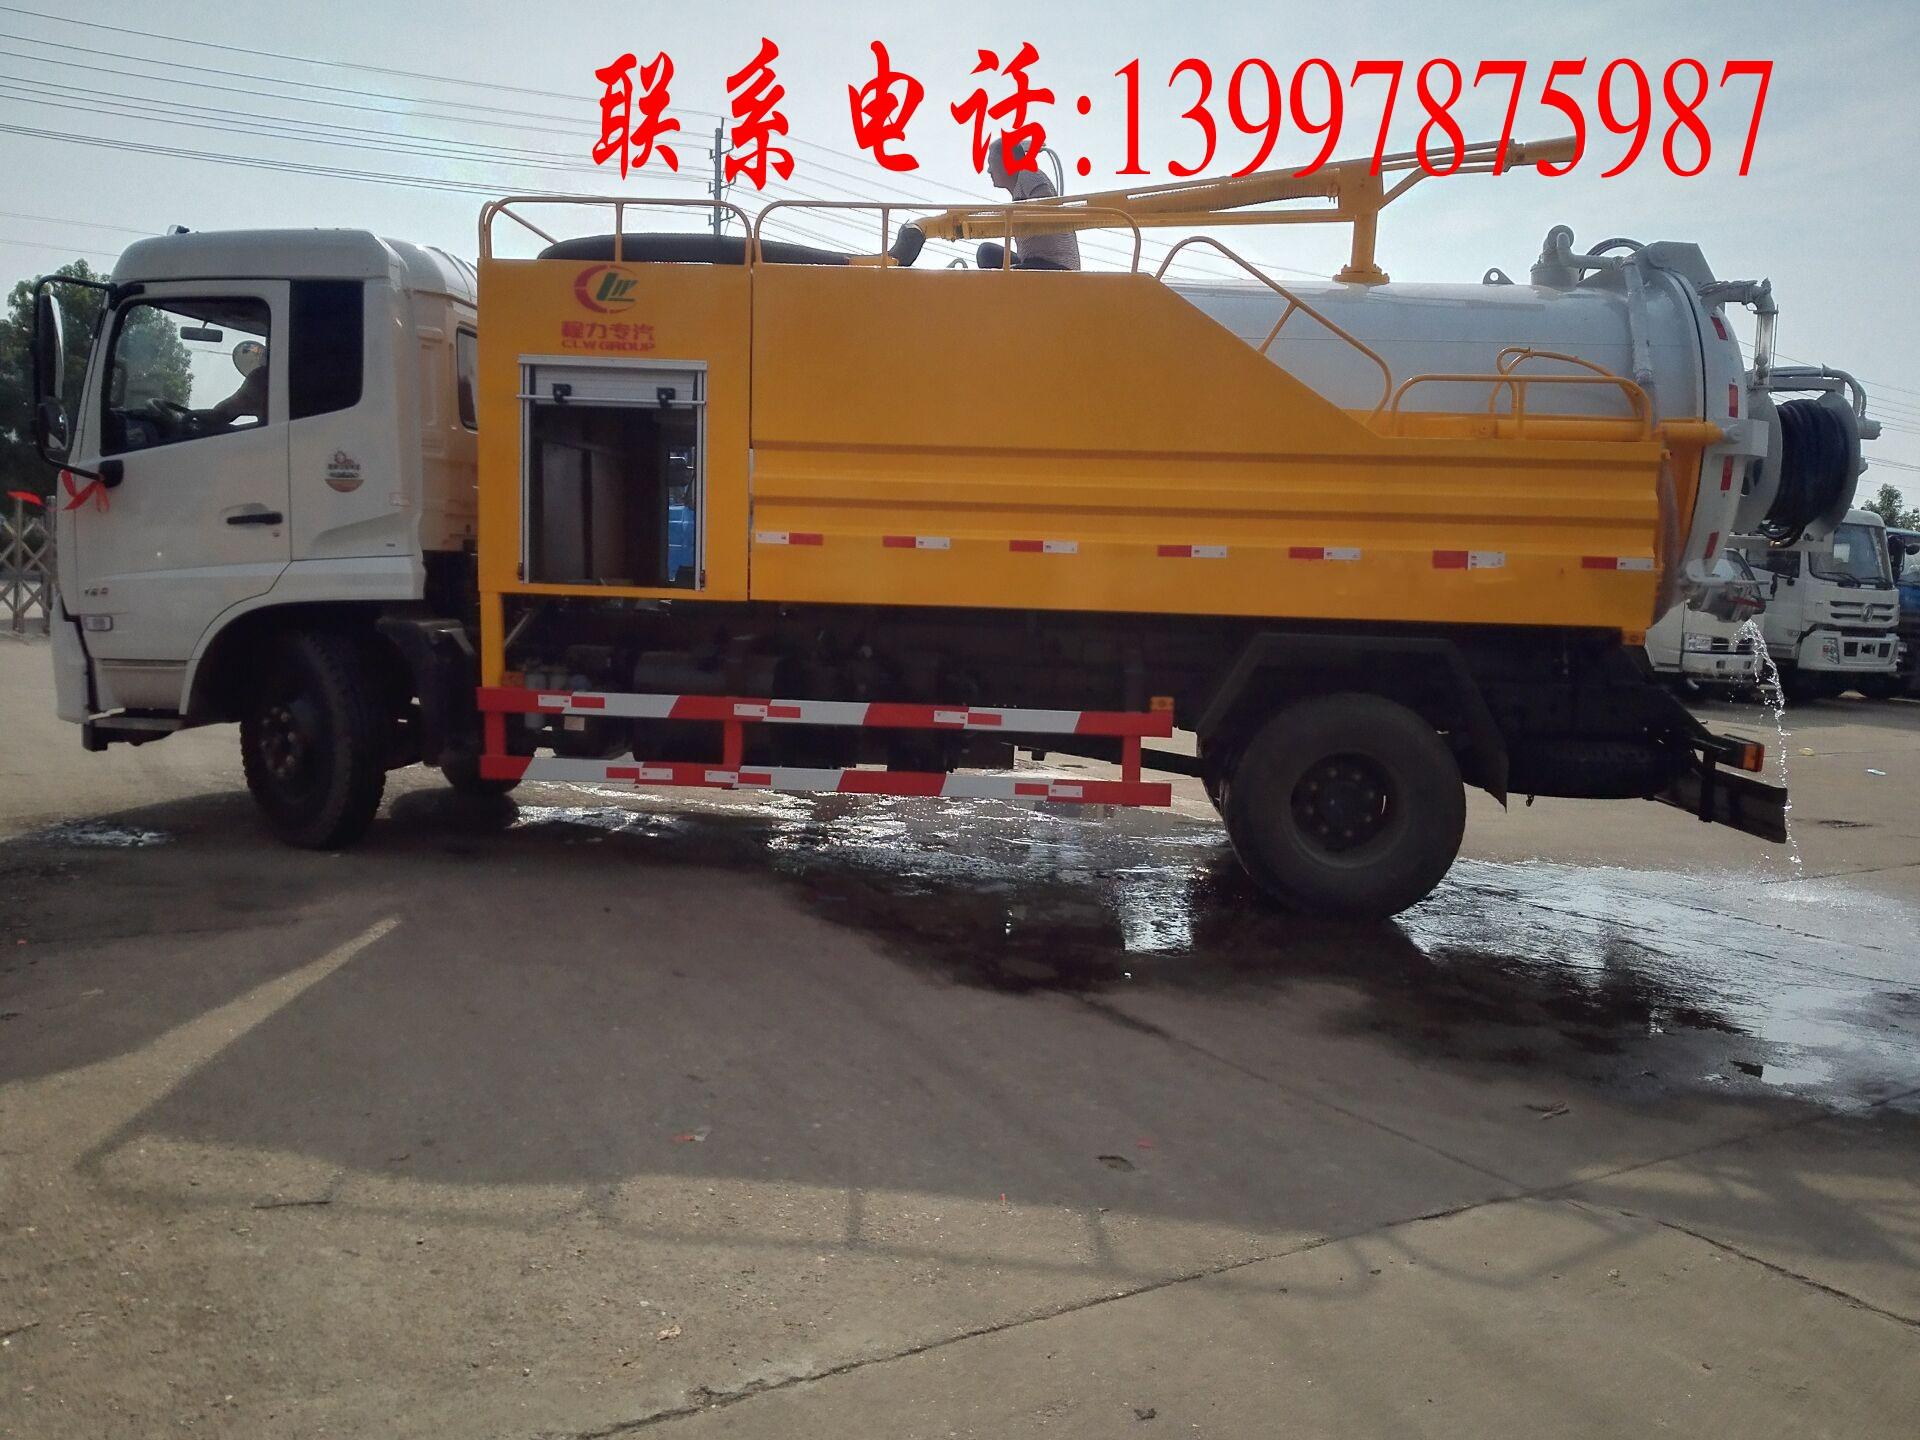 深圳市清洗吸污车